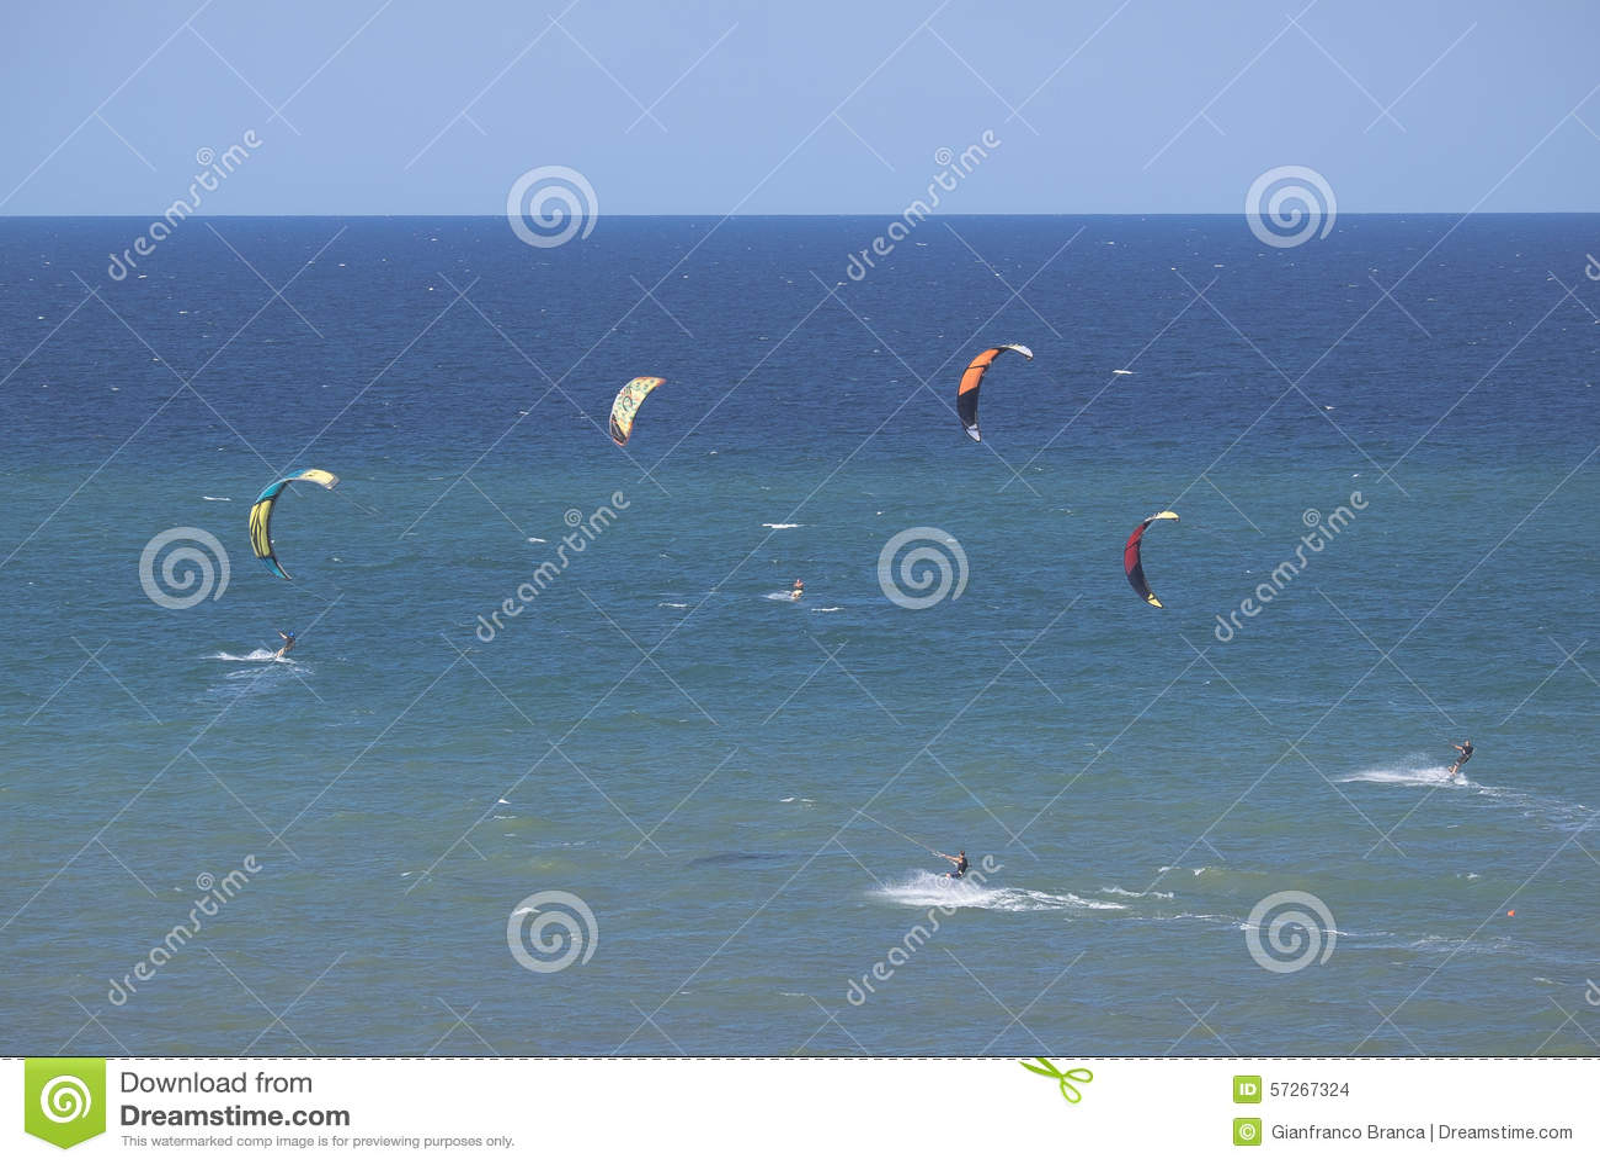 Kitesurf, la corsa